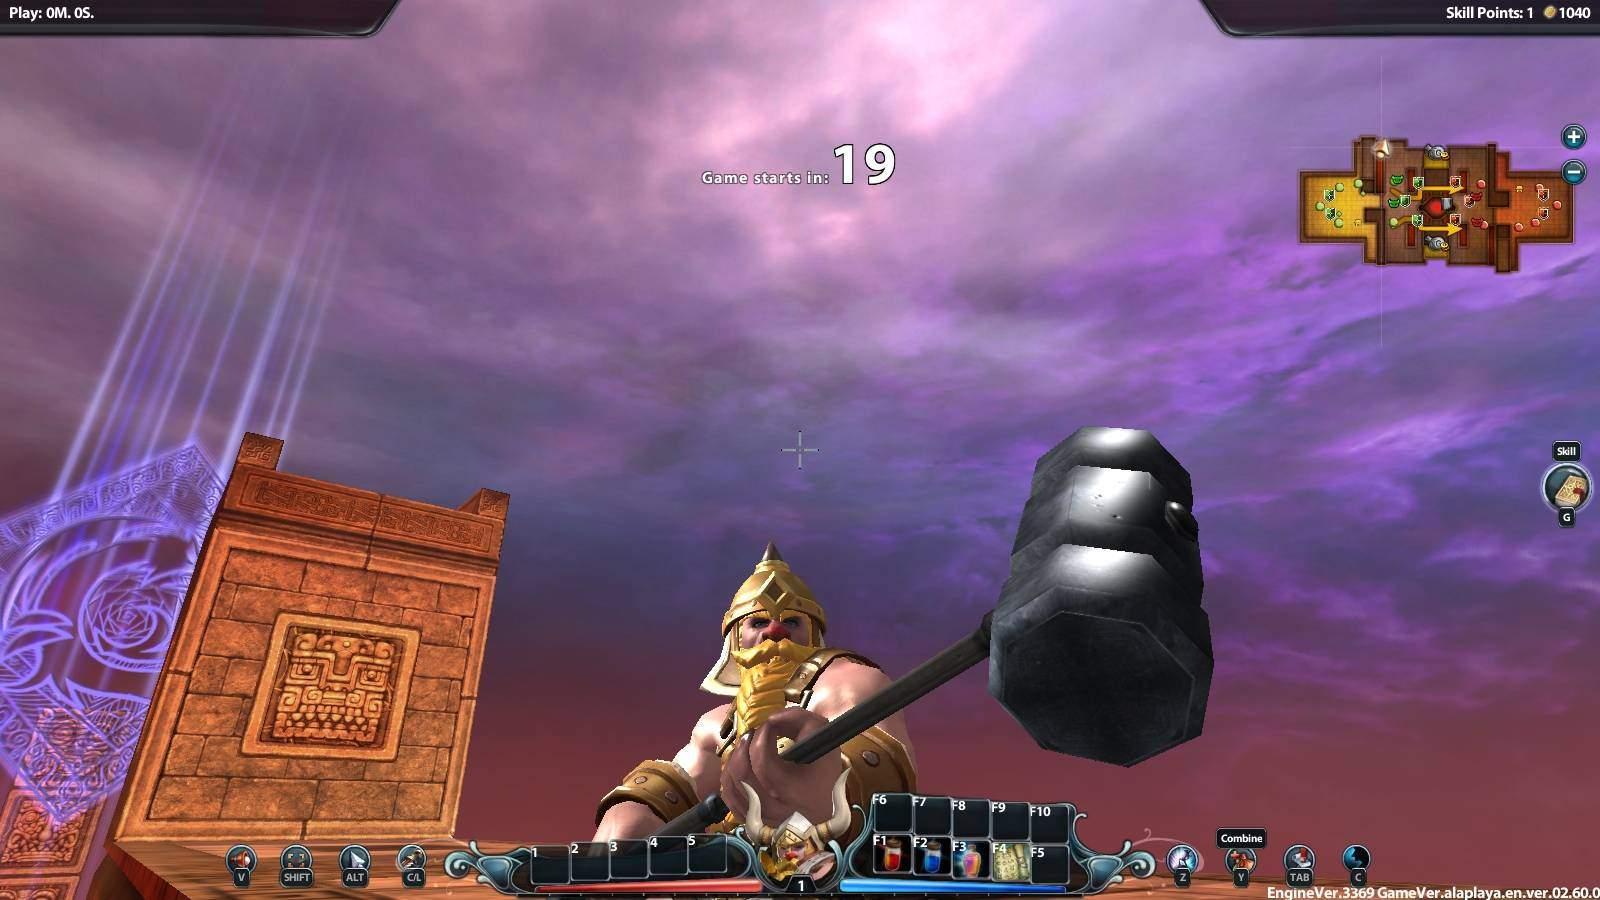 Klicke auf die Grafik für eine größere AnsichtName:LOCO - Land of Chaos Online_Orka_Screenshot_02.jpgHits:158Größe:125,7 KBID:3853